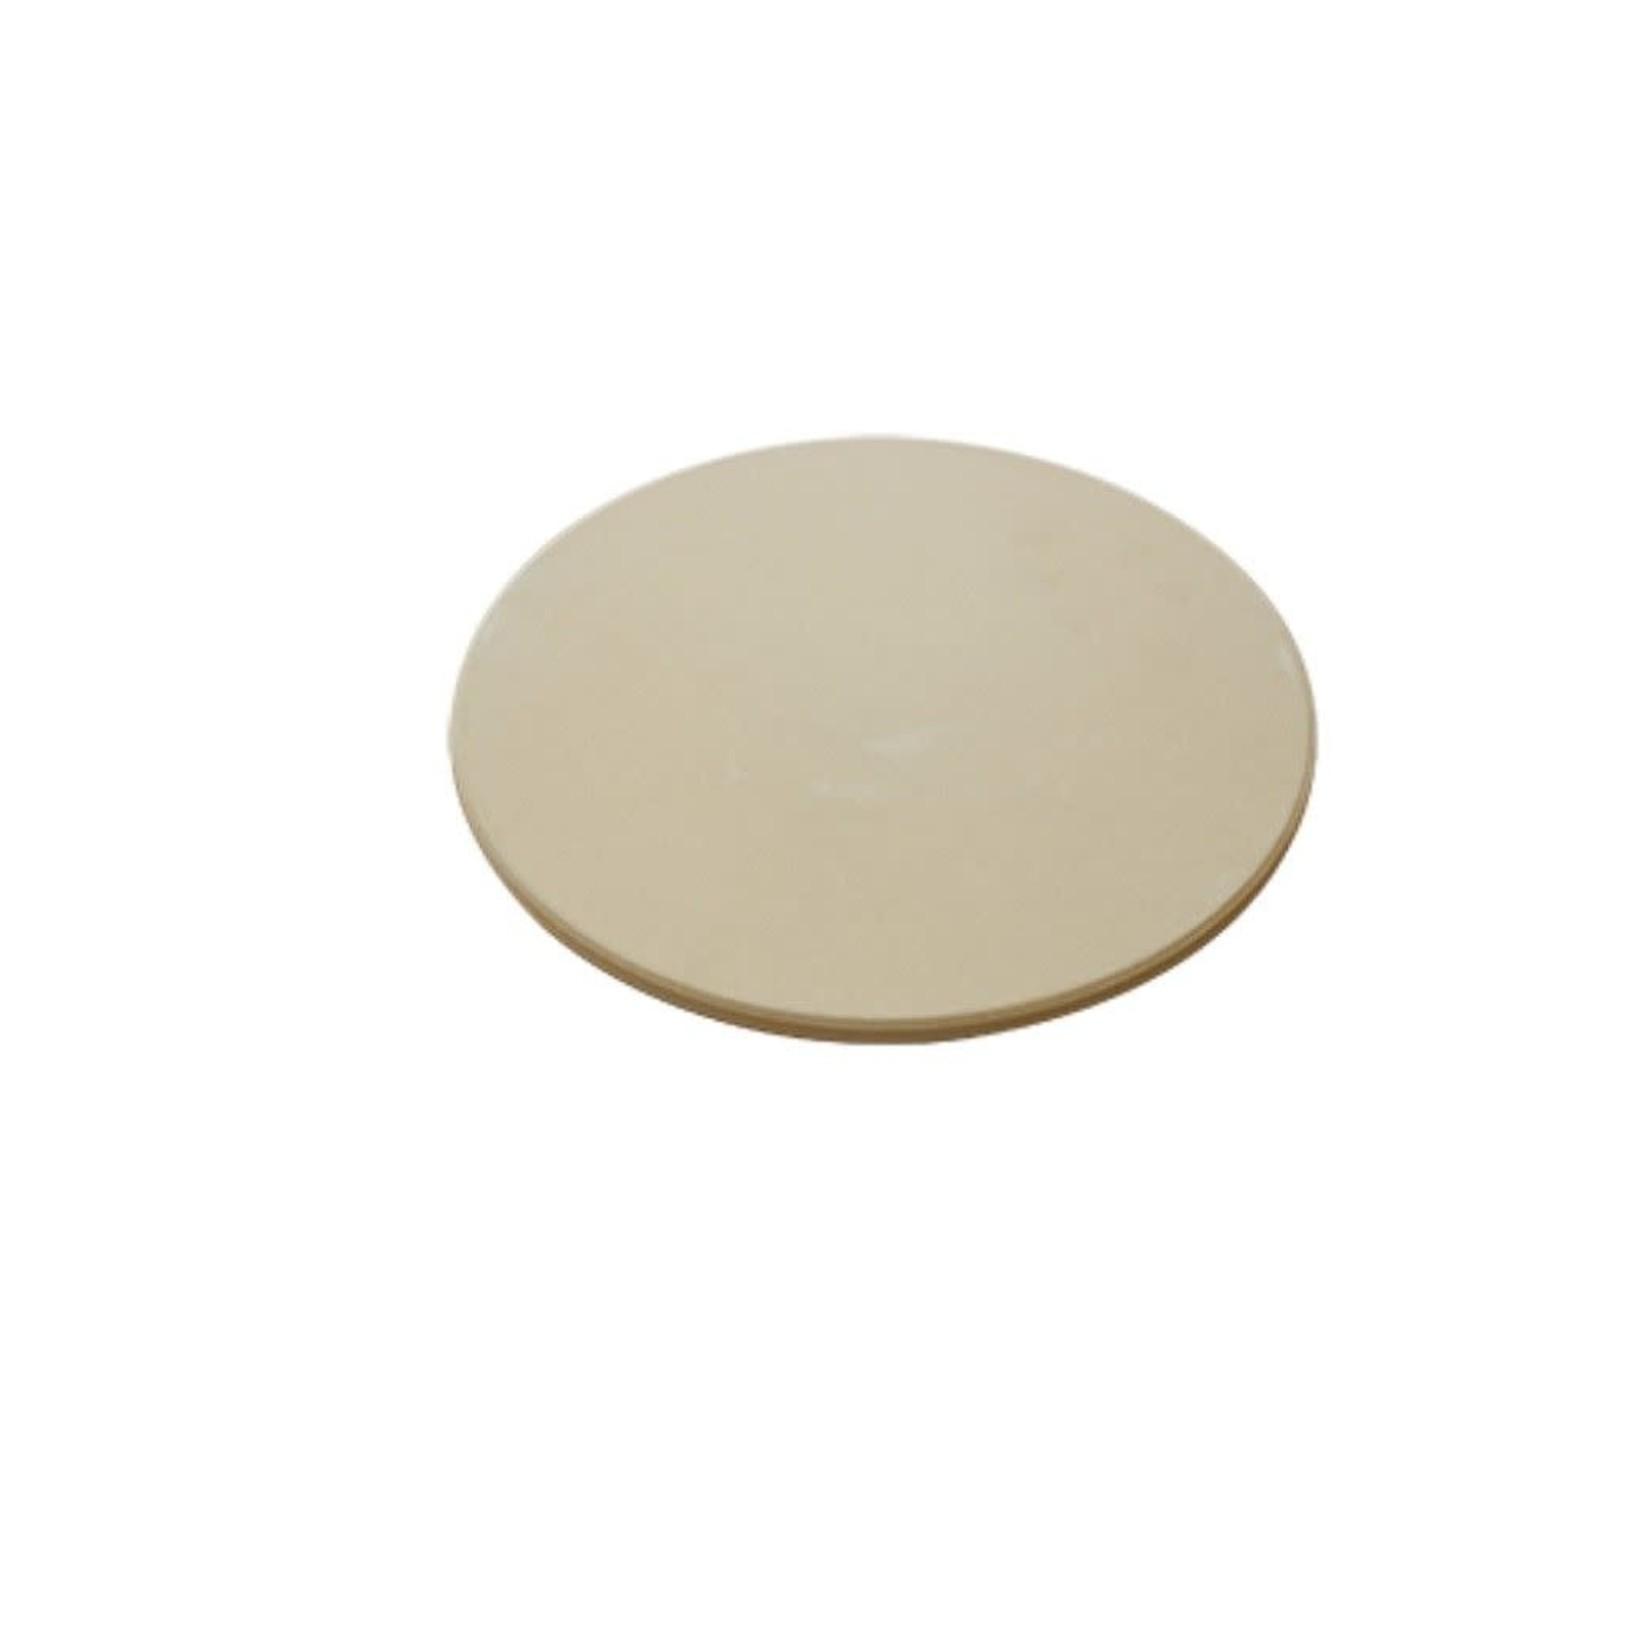 Outr Outr pizzasteen 60 diameter 38